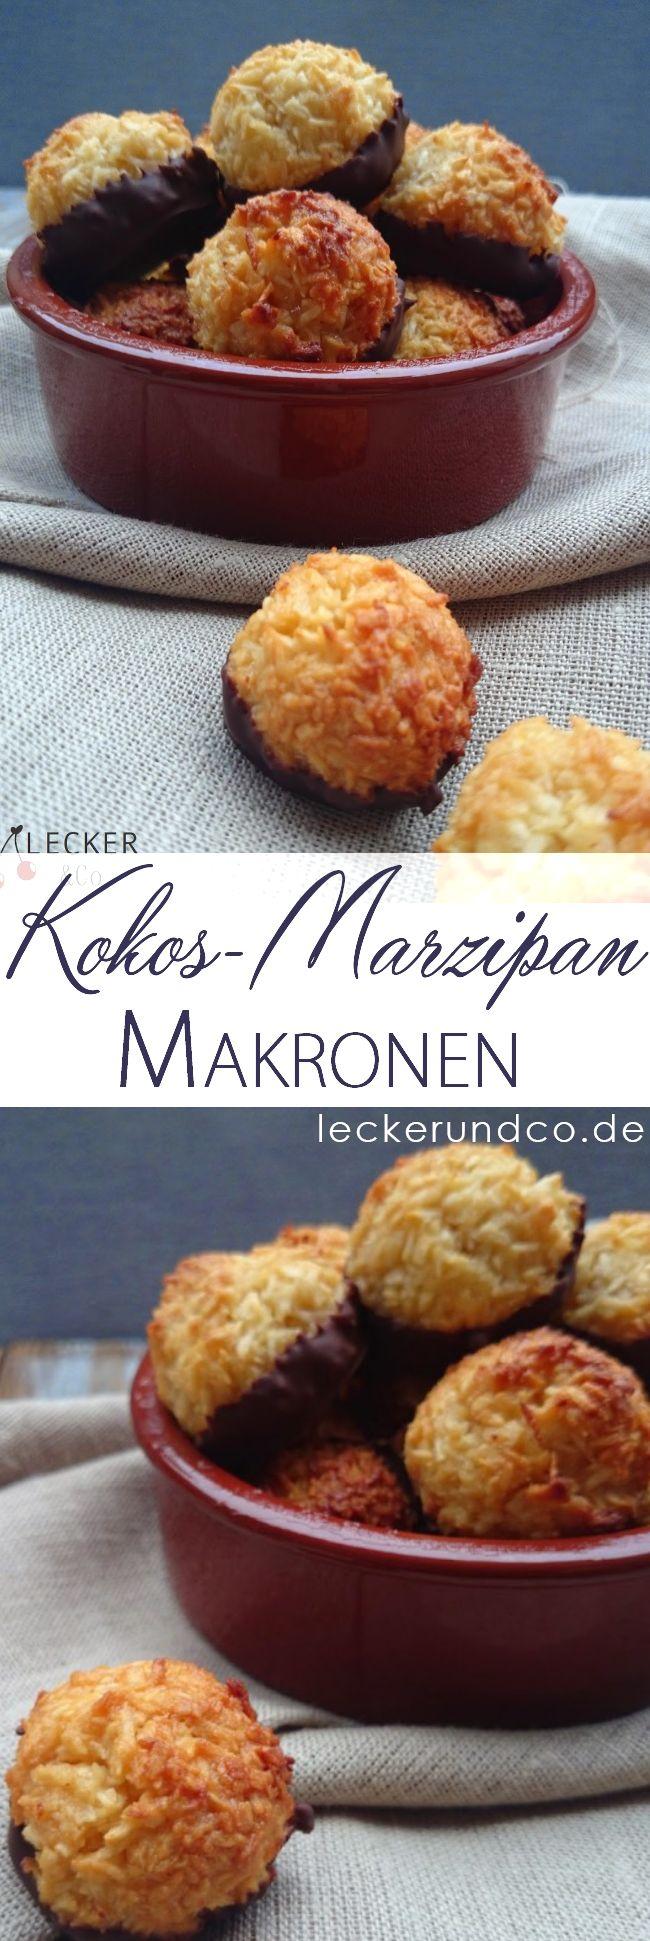 Kokos Makronen mit Marzipan